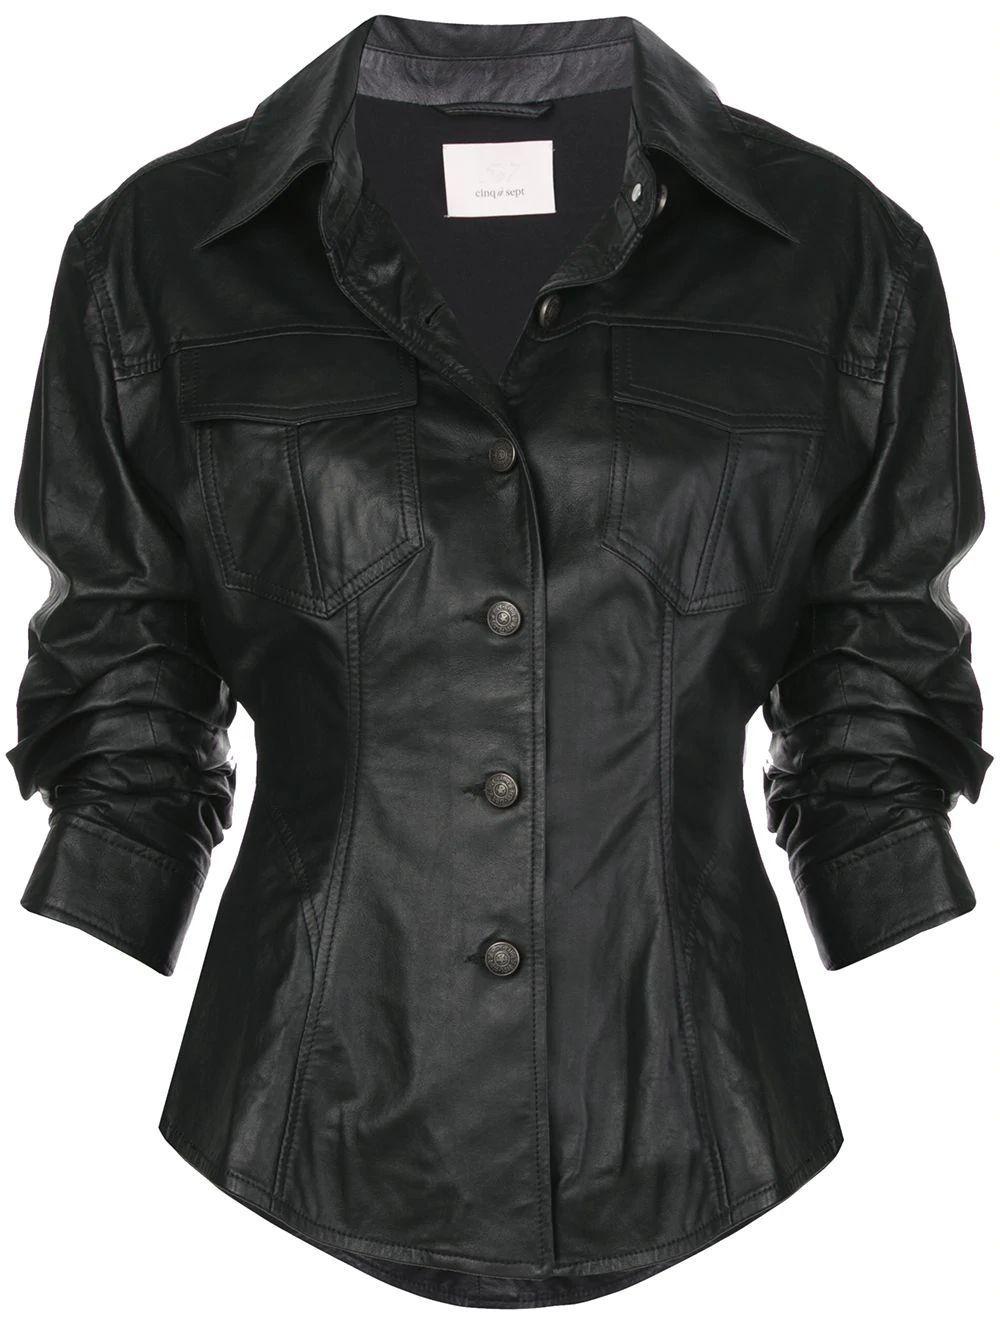 Canyon Leather Jacket Item # ZJ3093613Z-R21